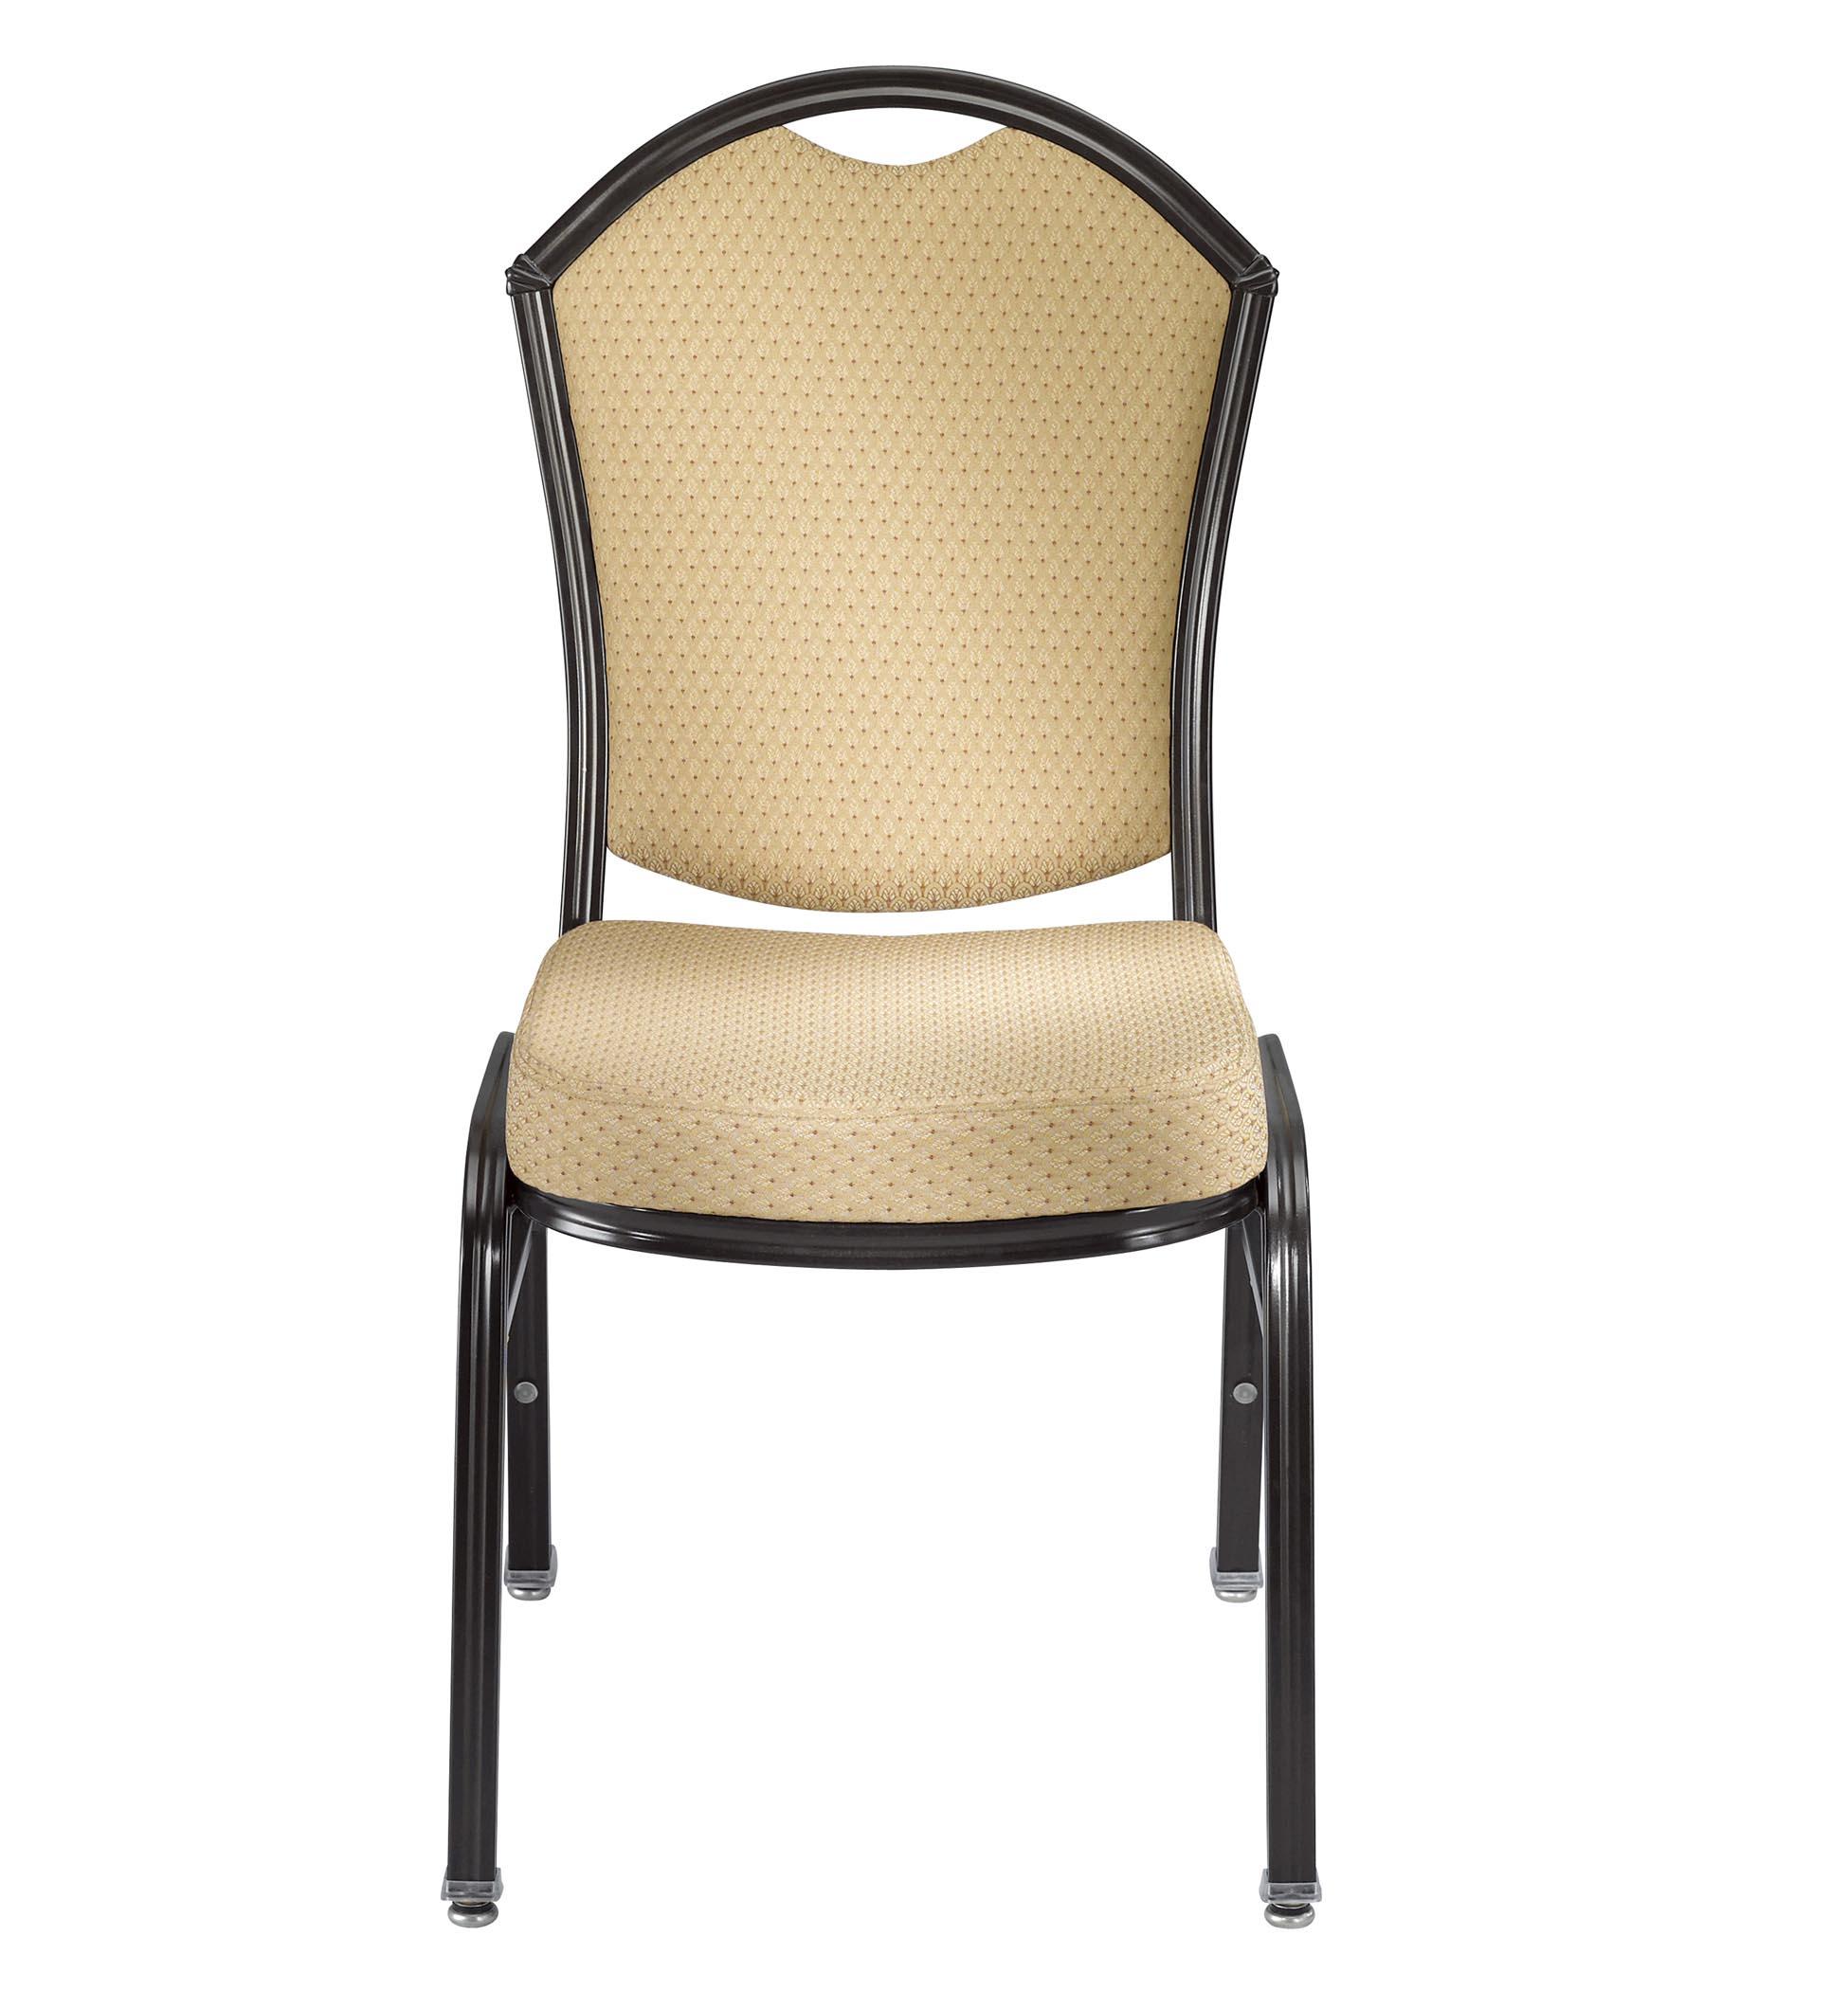 ab swivel chair rocking chairs atlanta 8555 aluminum banquet